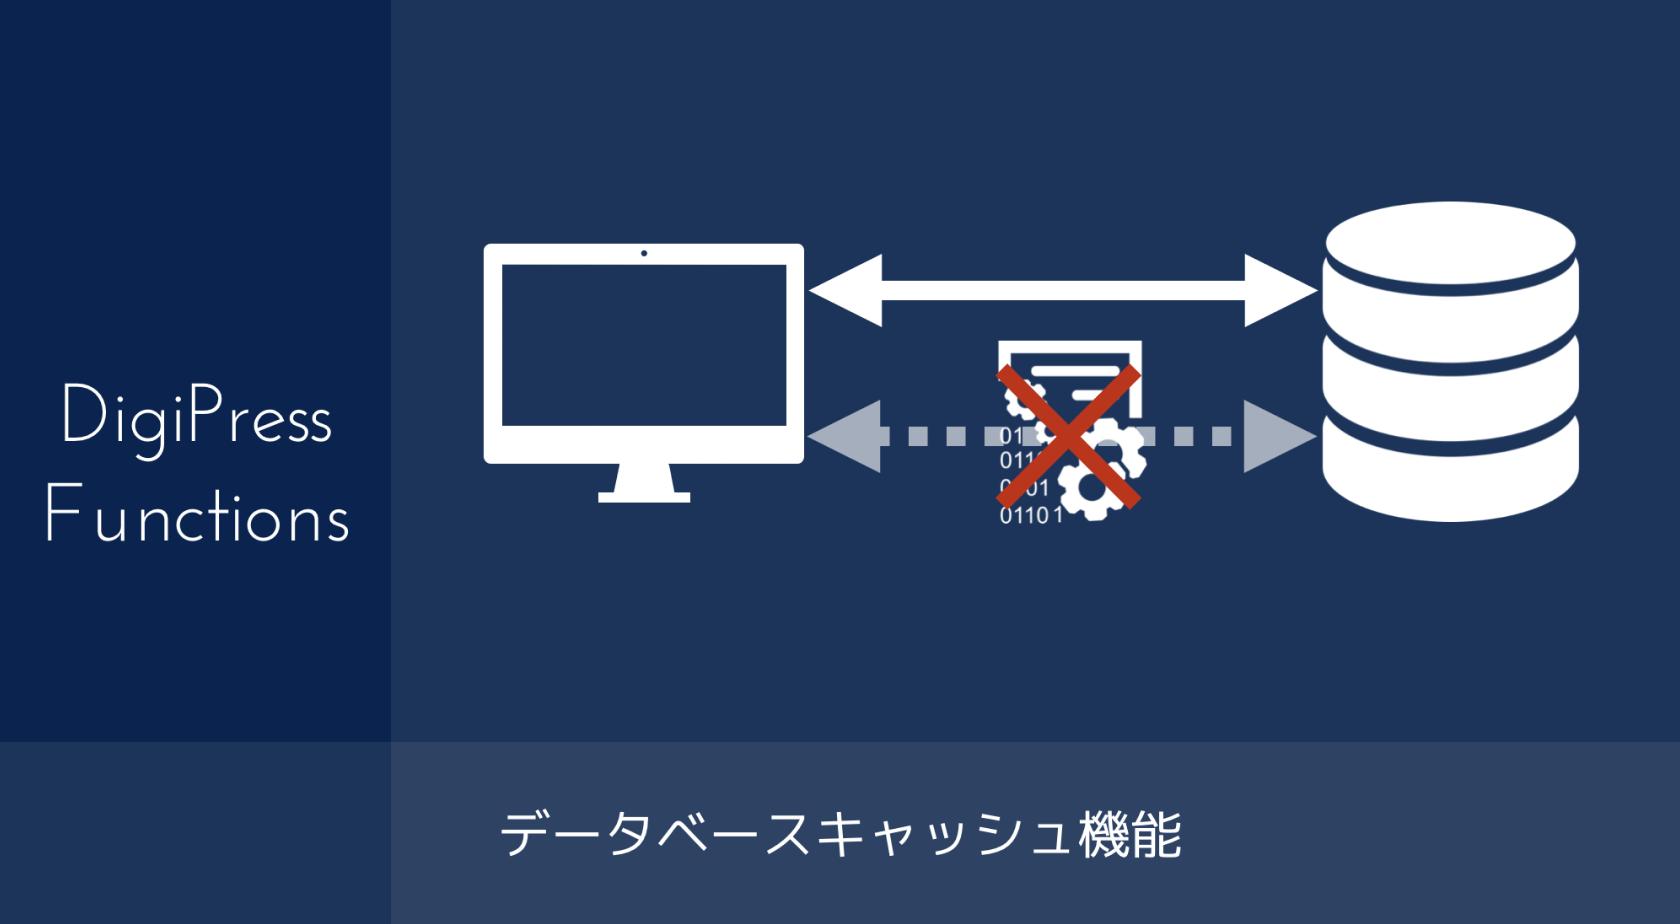 [高速化機能]データベースキャッシュ機能